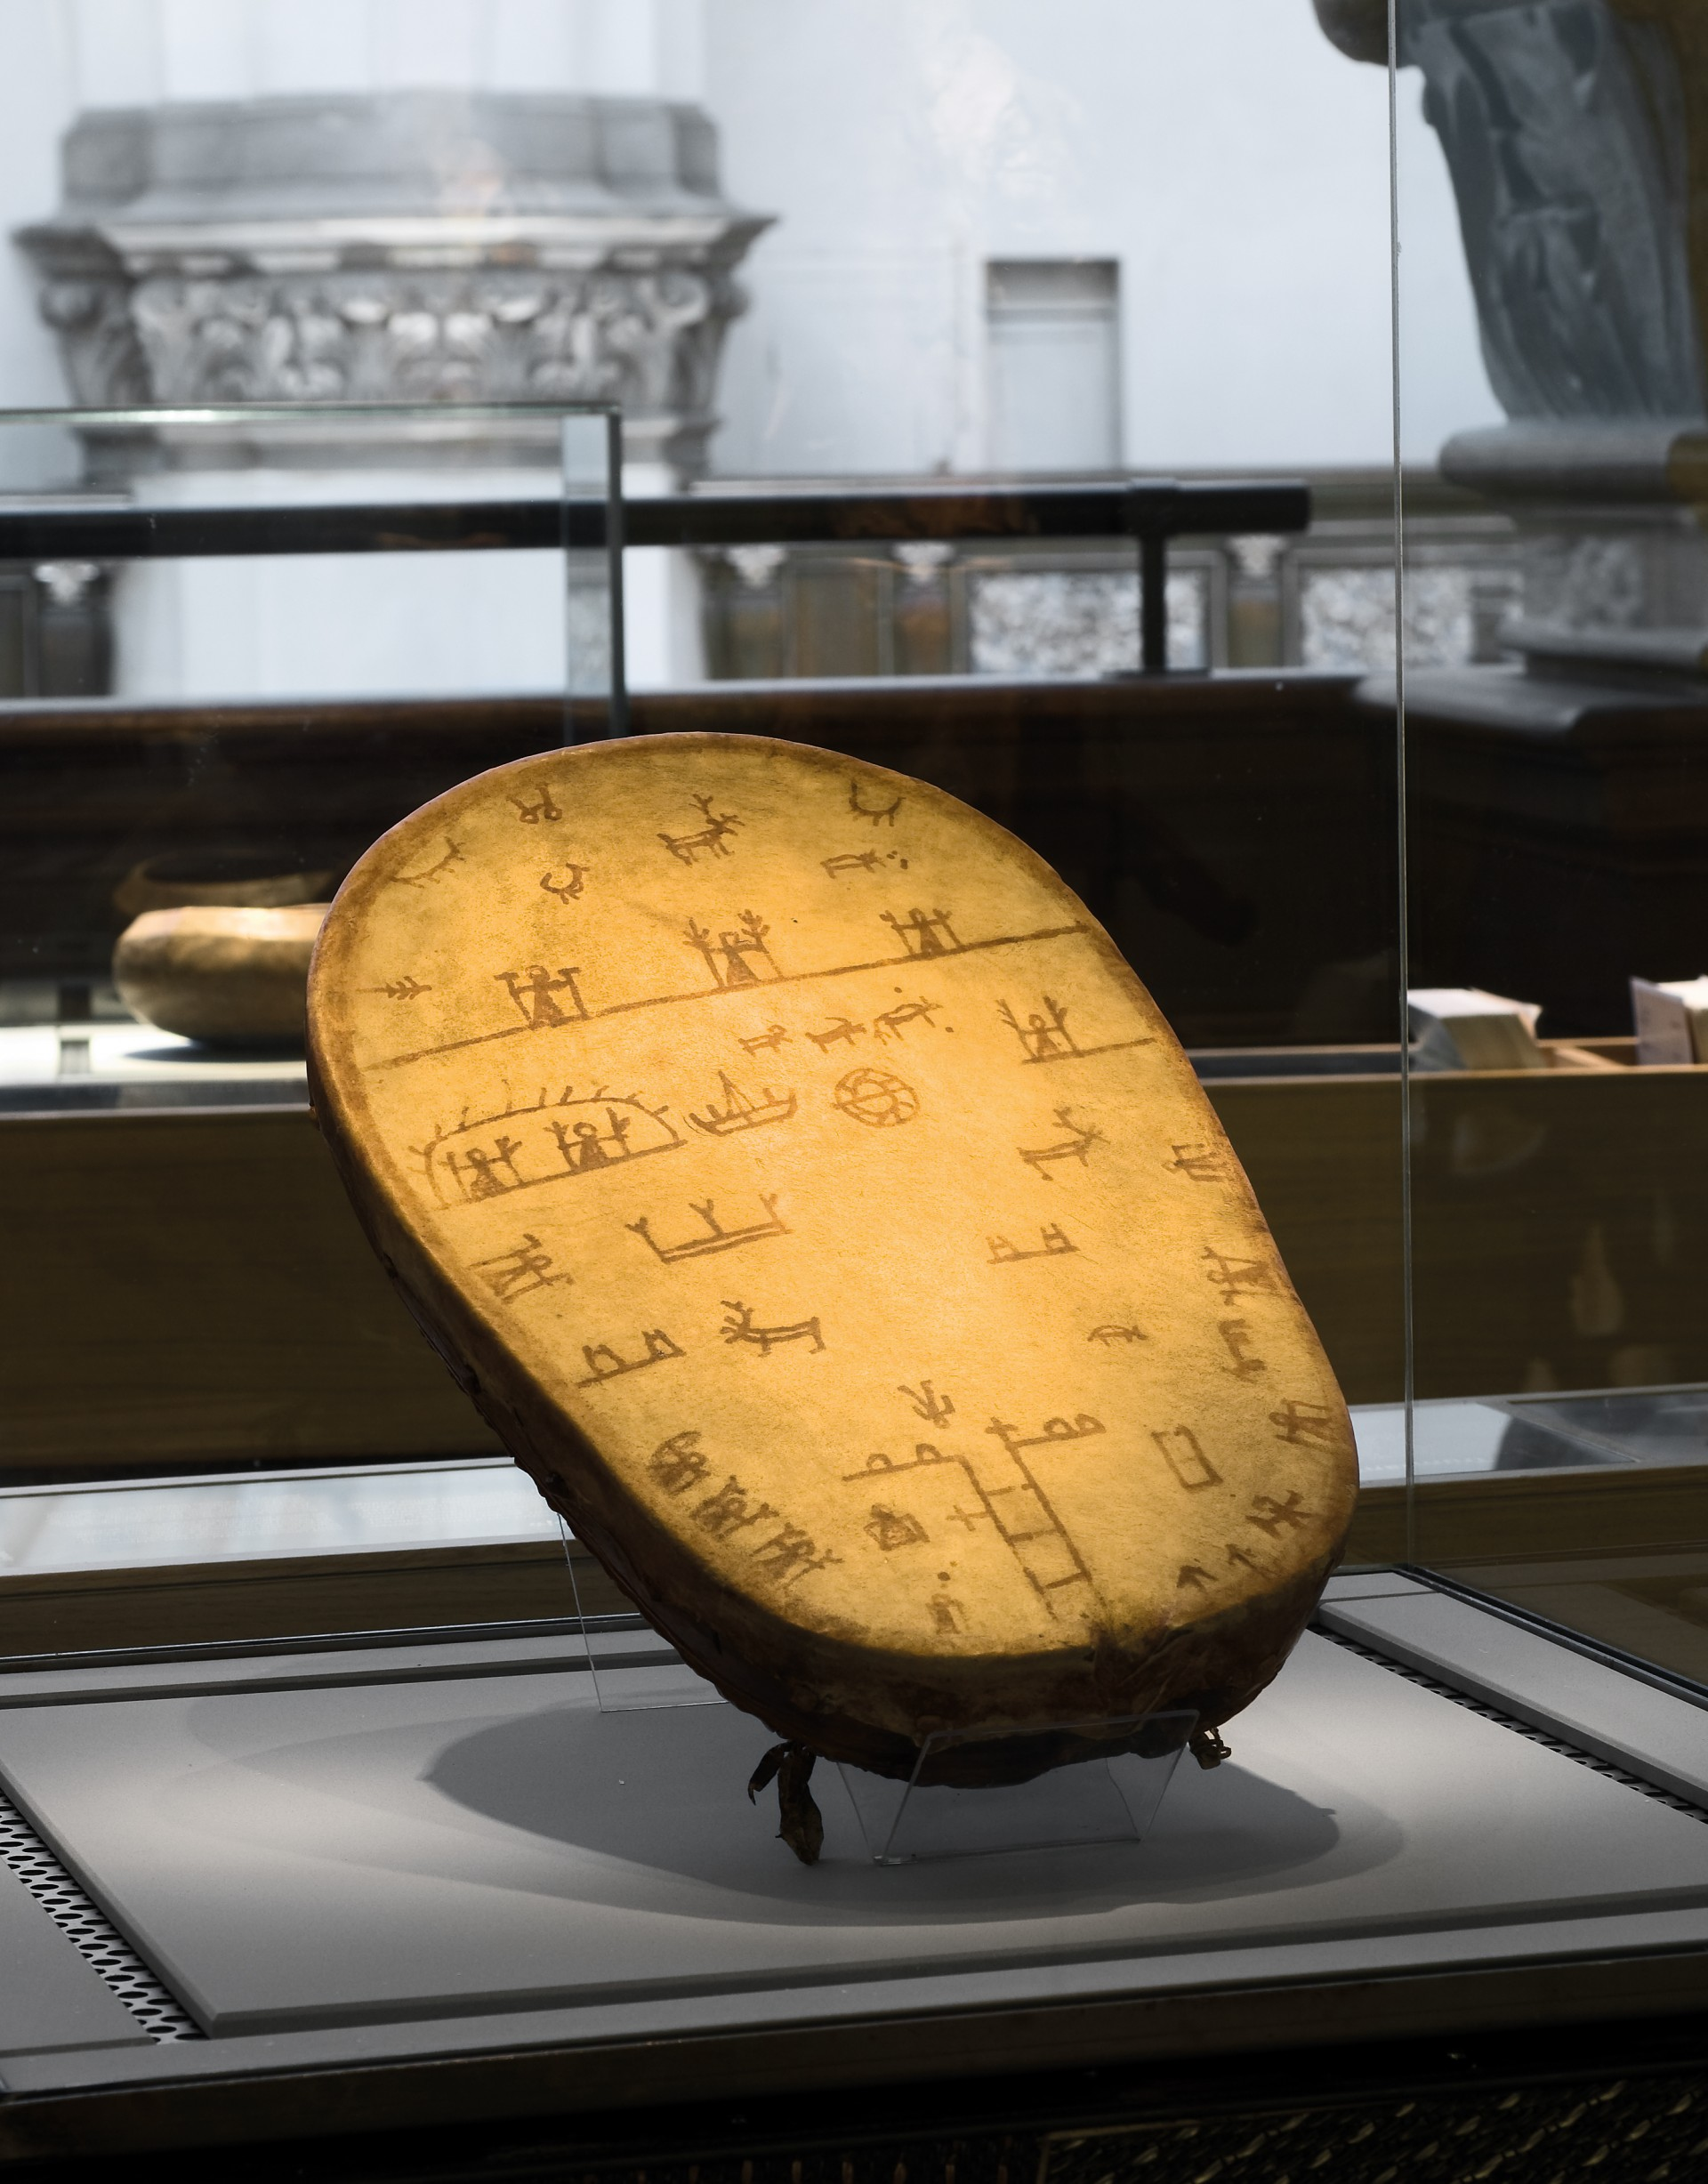 Sametrumma. Föremål i utställningen. Foto: Mats Landin/ Nordiska museet.